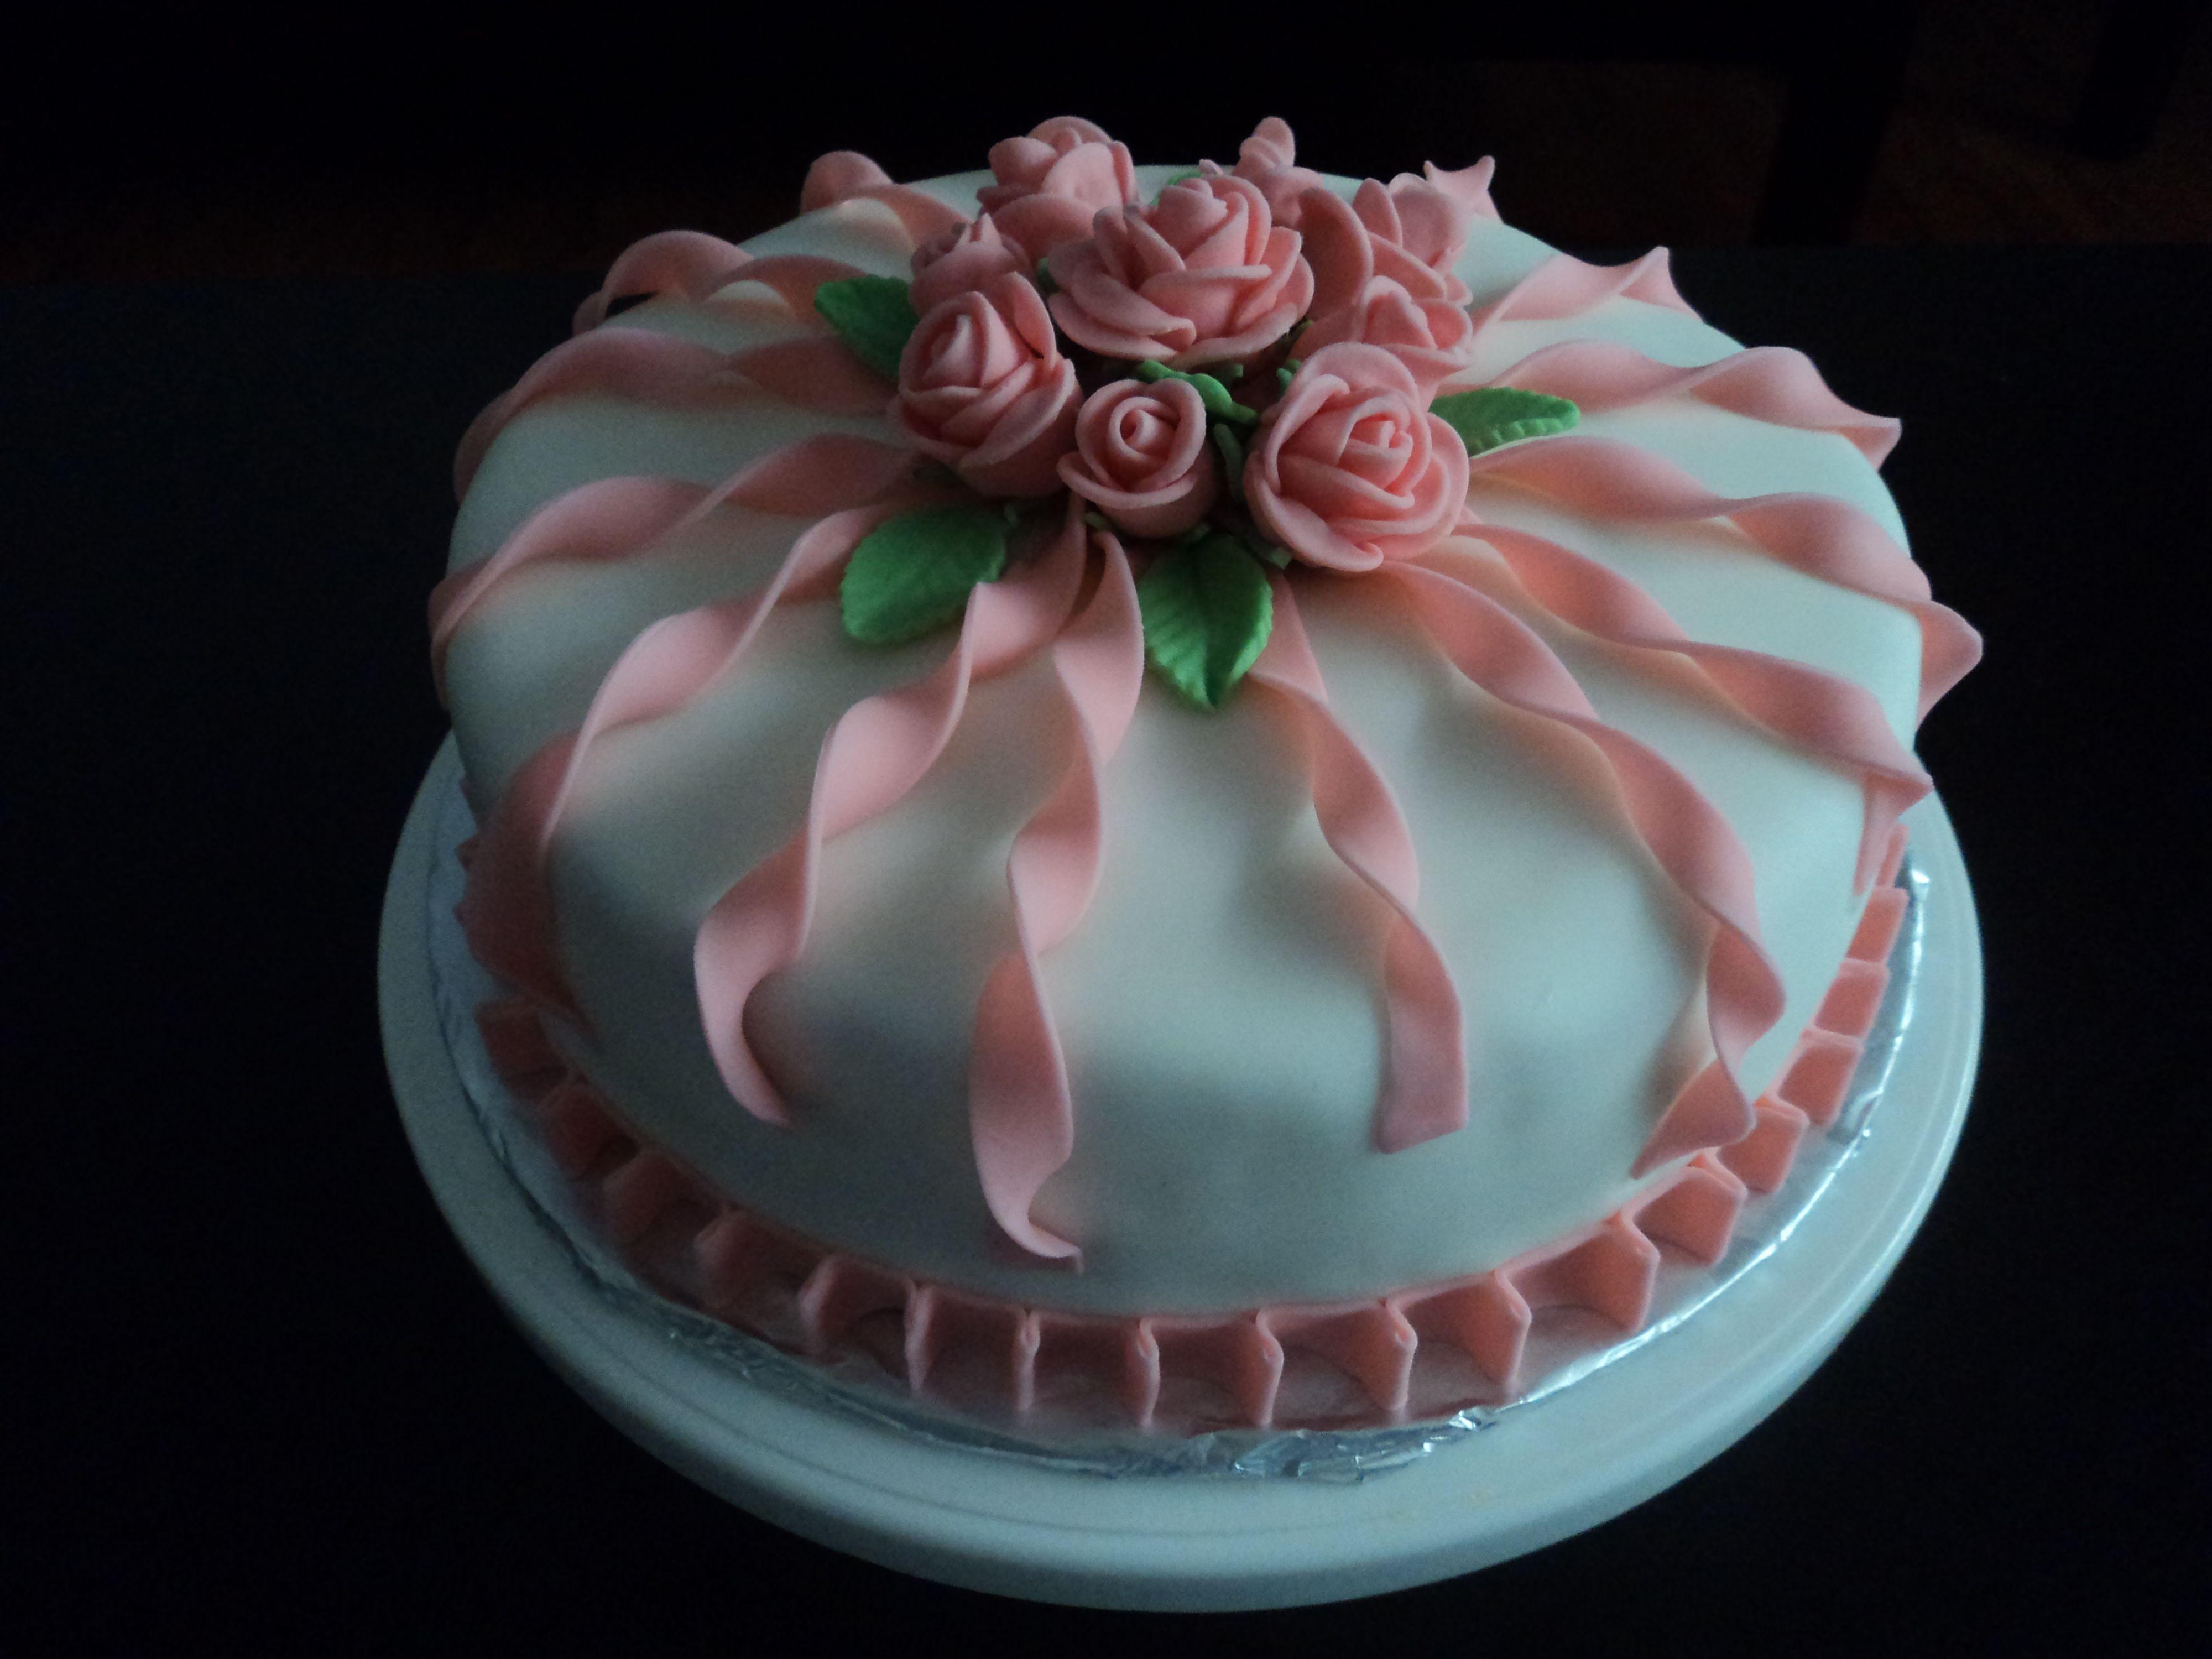 Elegant Birthday Cake Birthday Cake For A Special Lady Ninas - Special cake for birthday